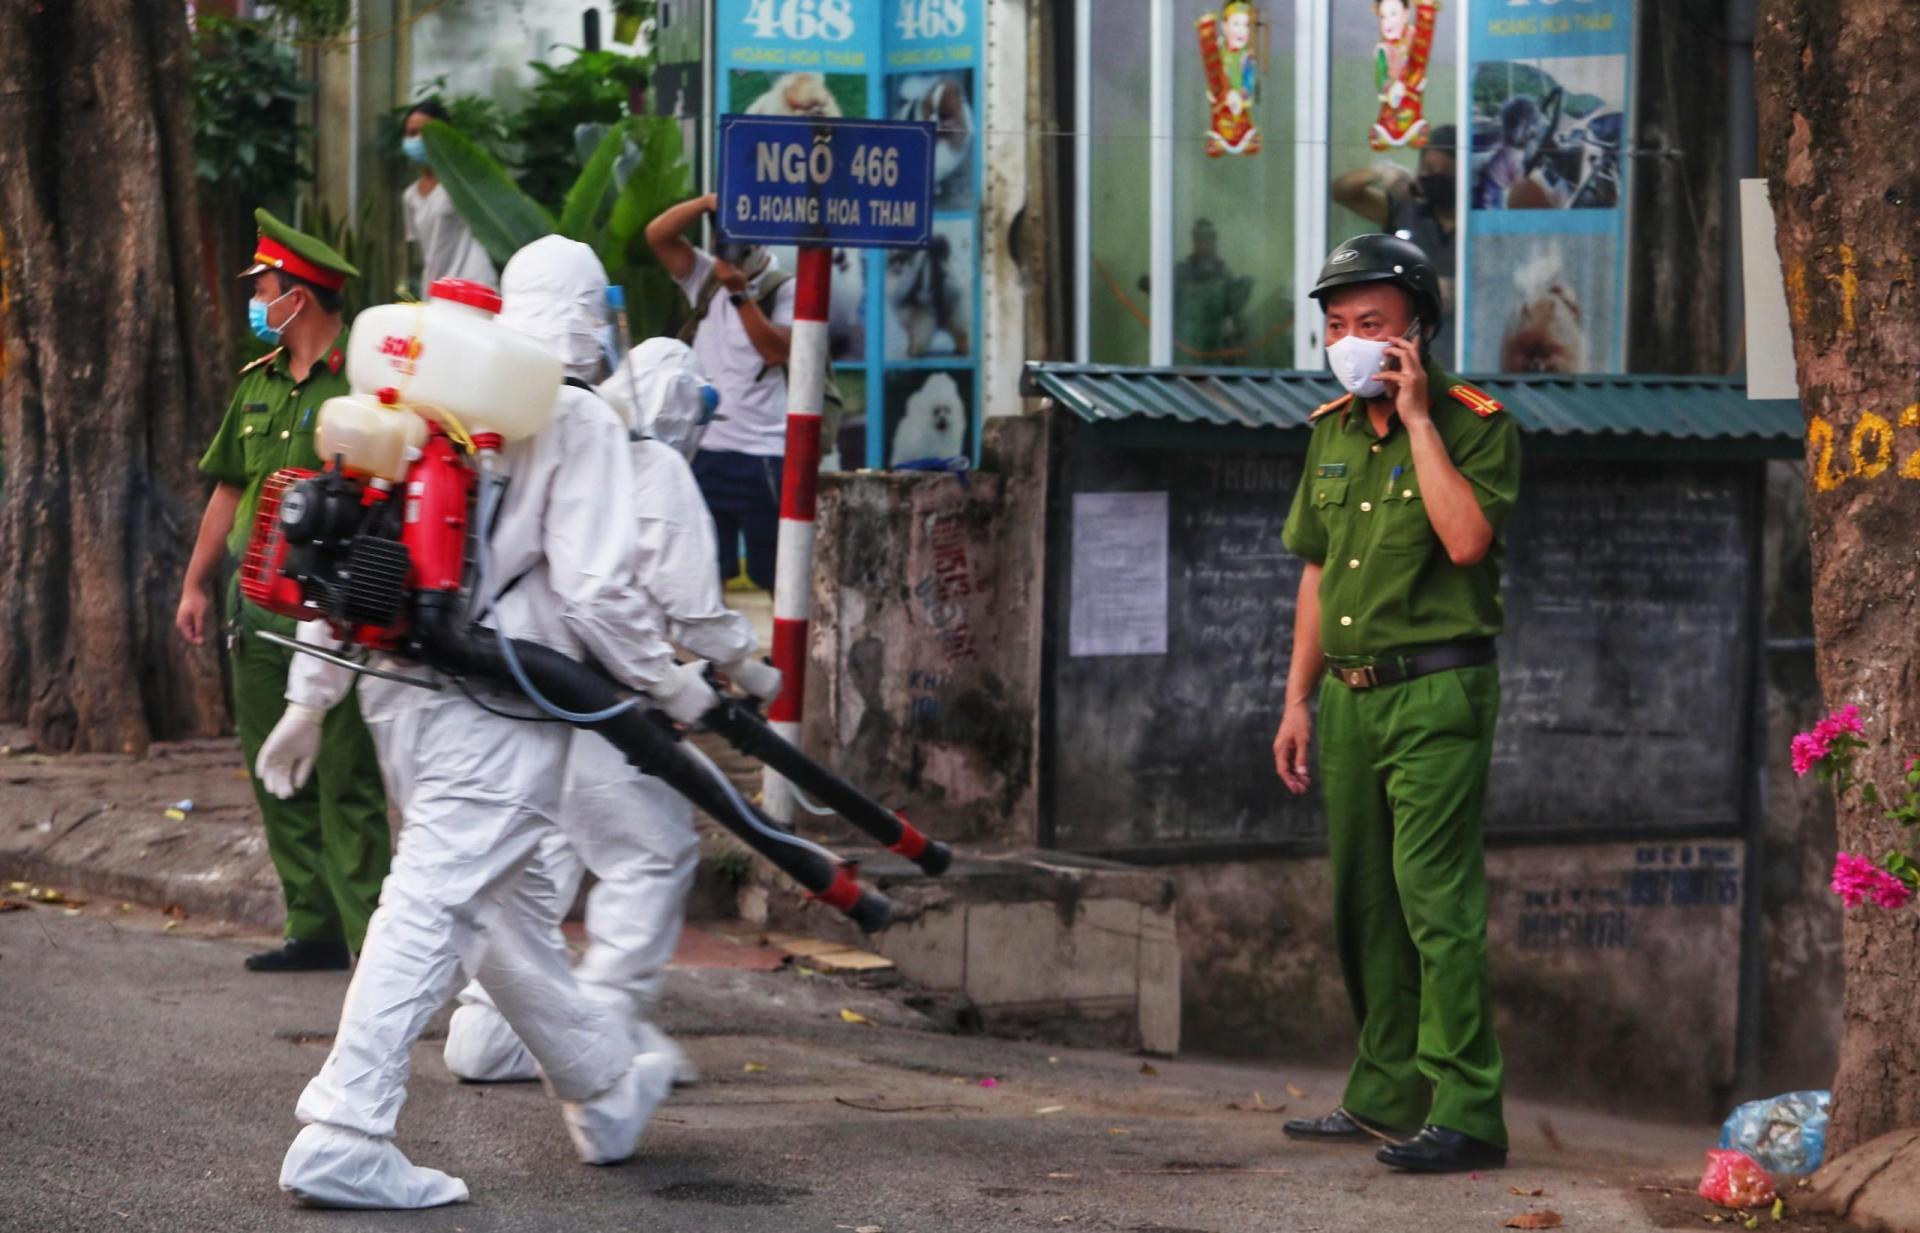 Lực lượng y tế dự phòng phu khử trùng ngõ 466 Hoàng Hoa Thám